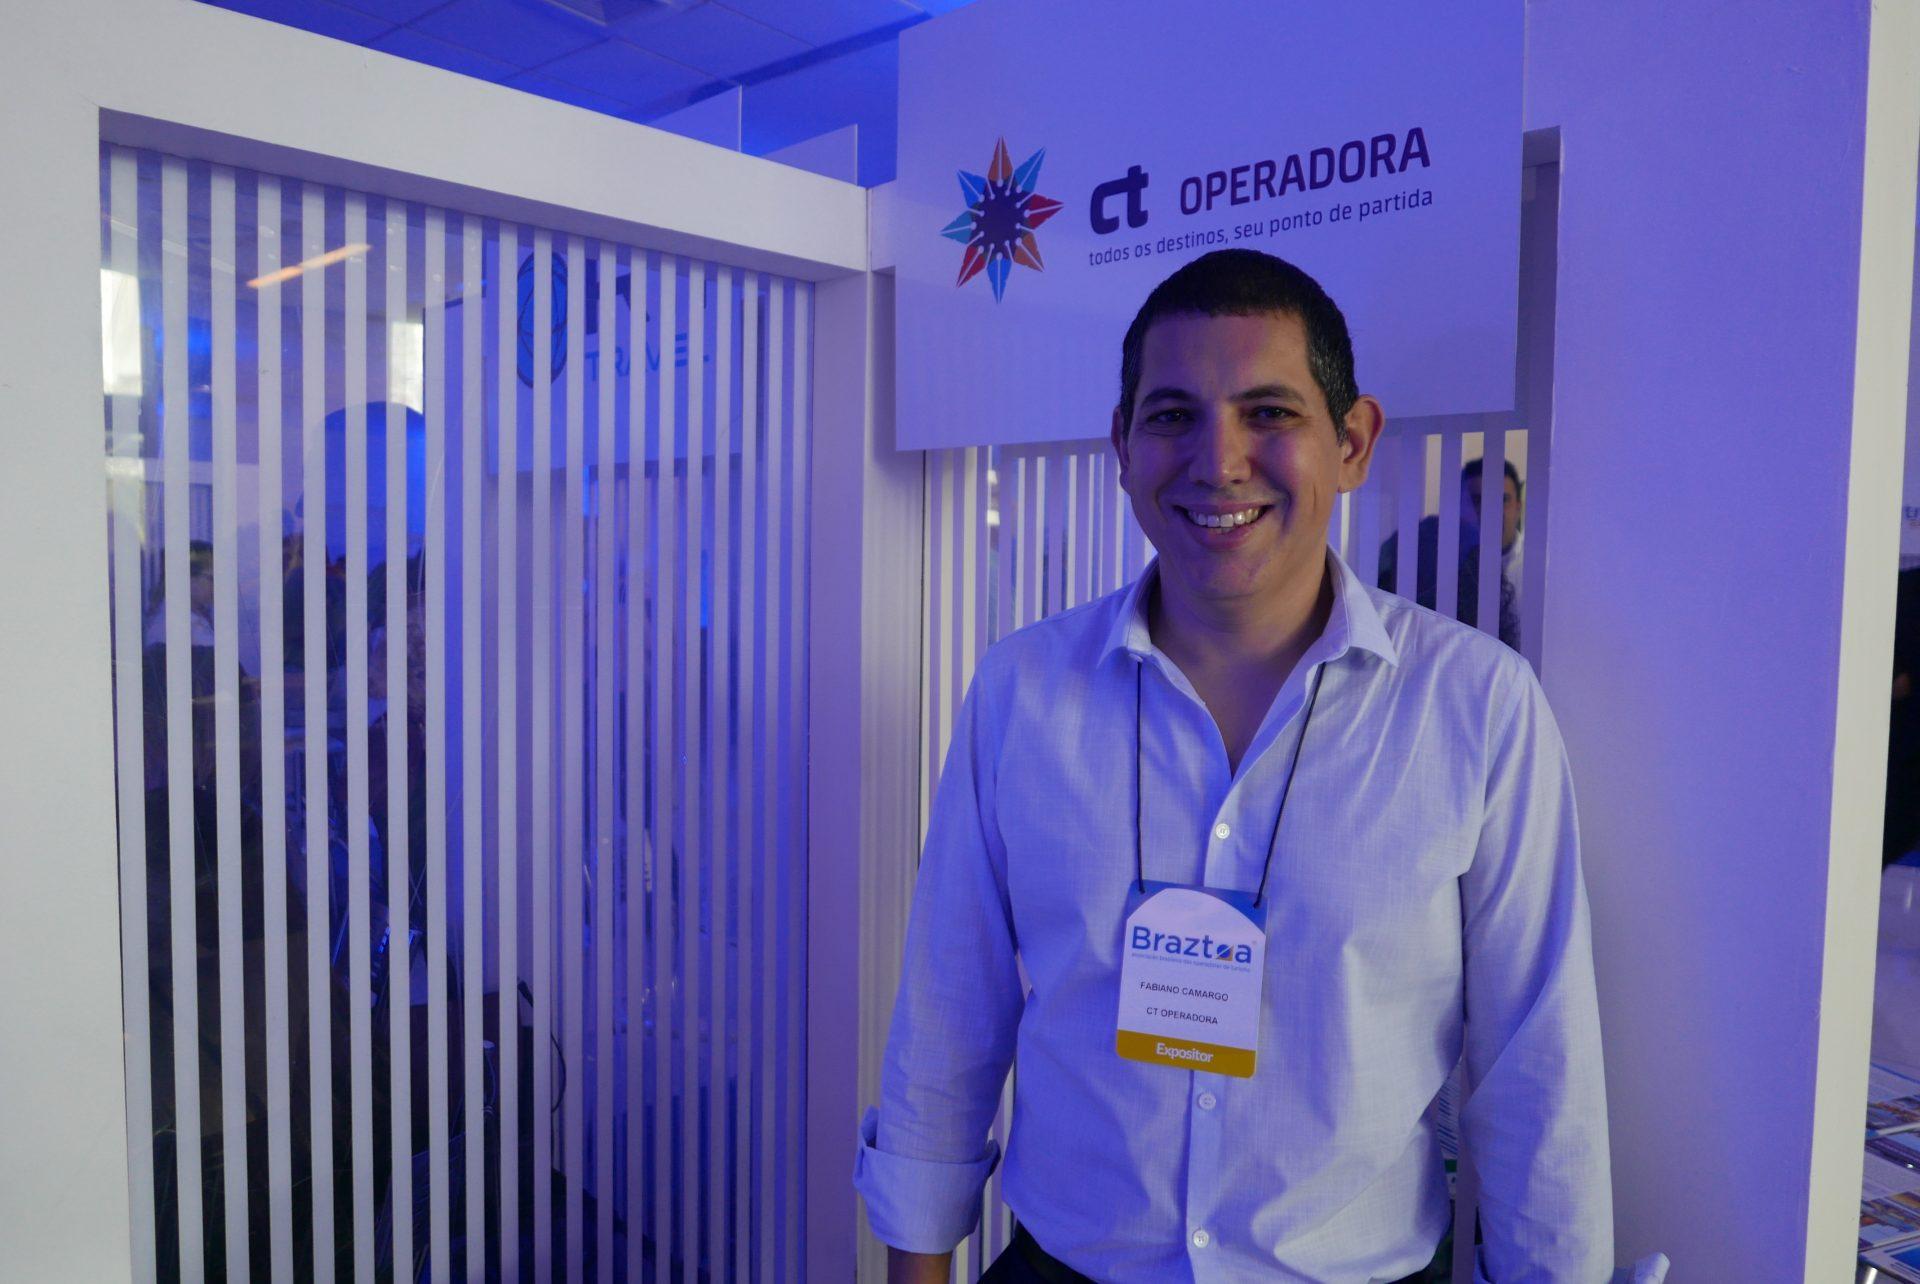 Fabiano Camargo, da CT Operadora